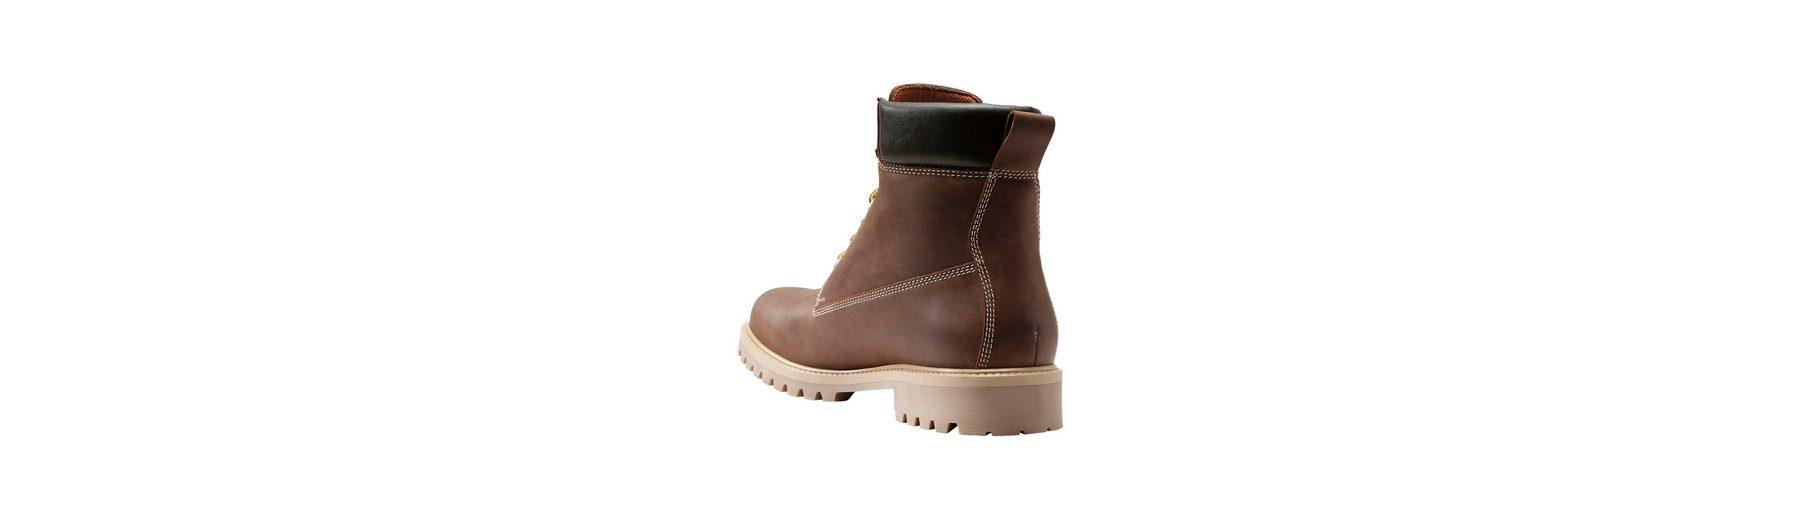 Next Schwerer Stiefel aus Leder mit Profilsohle Verkauf Heißen Verkauf Bestellen Günstig Online Billig Ausverkauf Store Spielraum Top-Qualität EKTUQI